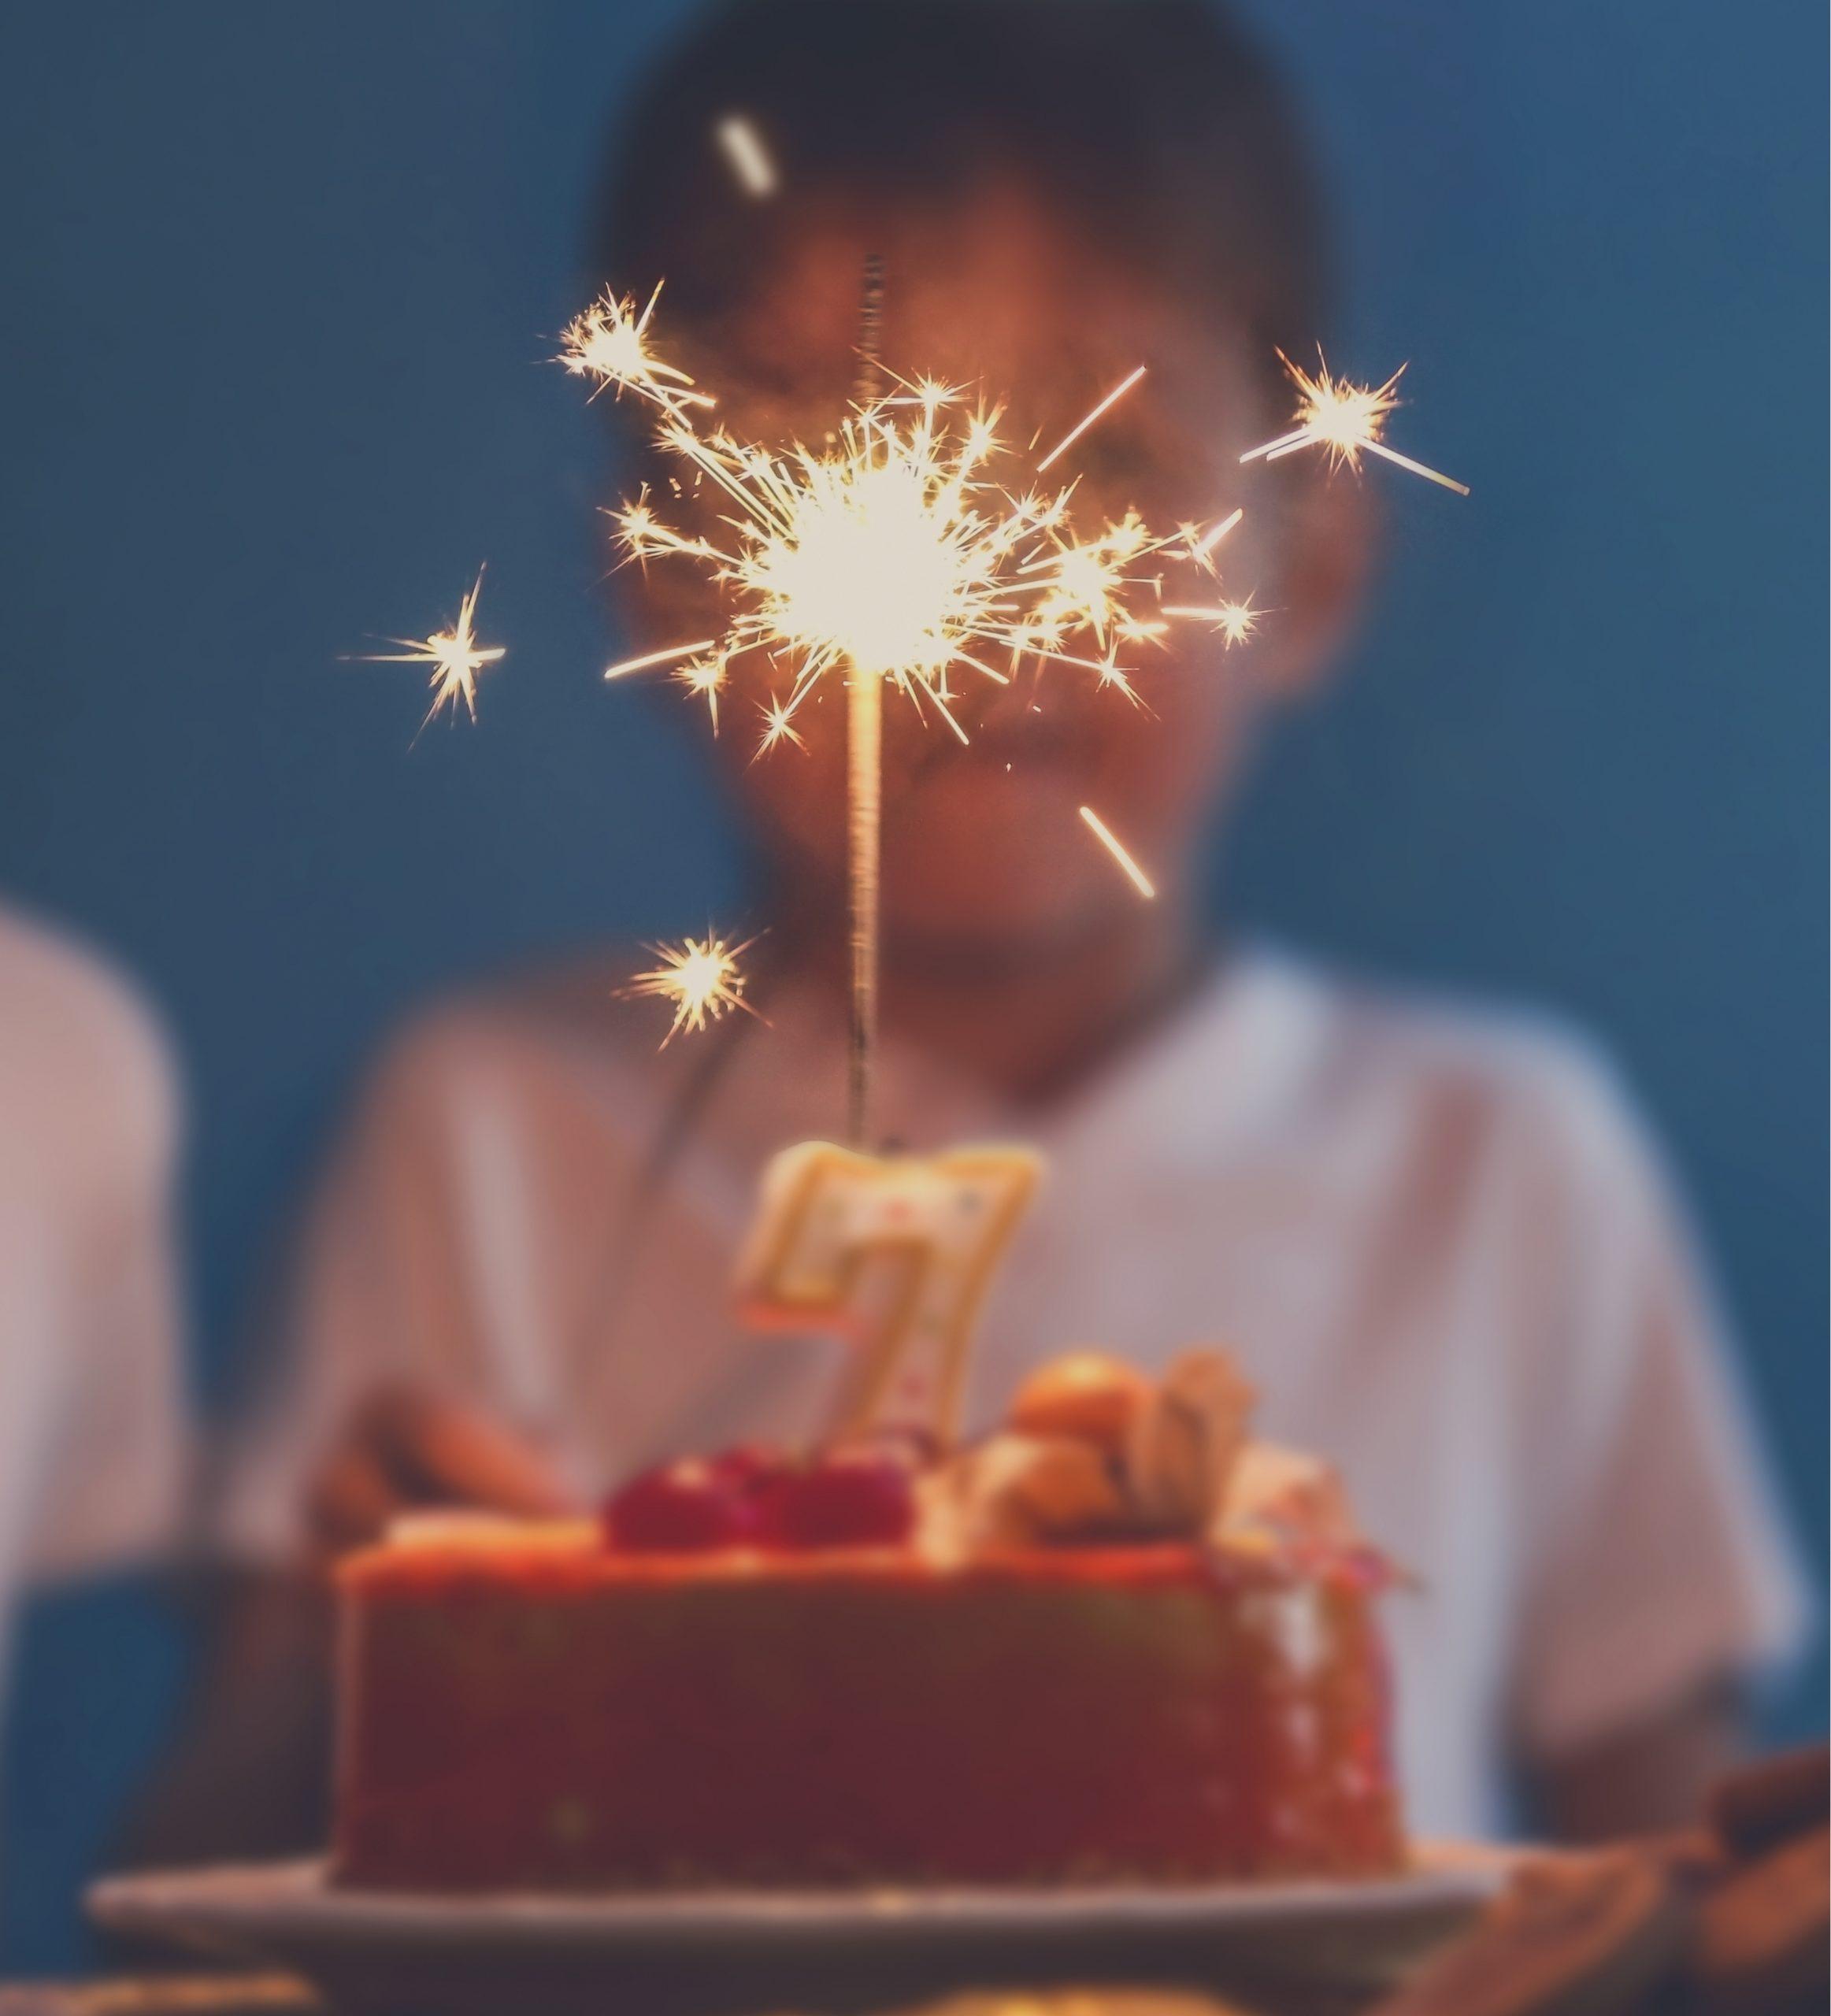 Besser Nicht Auf Kuchen Stecken: Wunderkerzen Sind Giftig für Wunderkerzen Für Torten